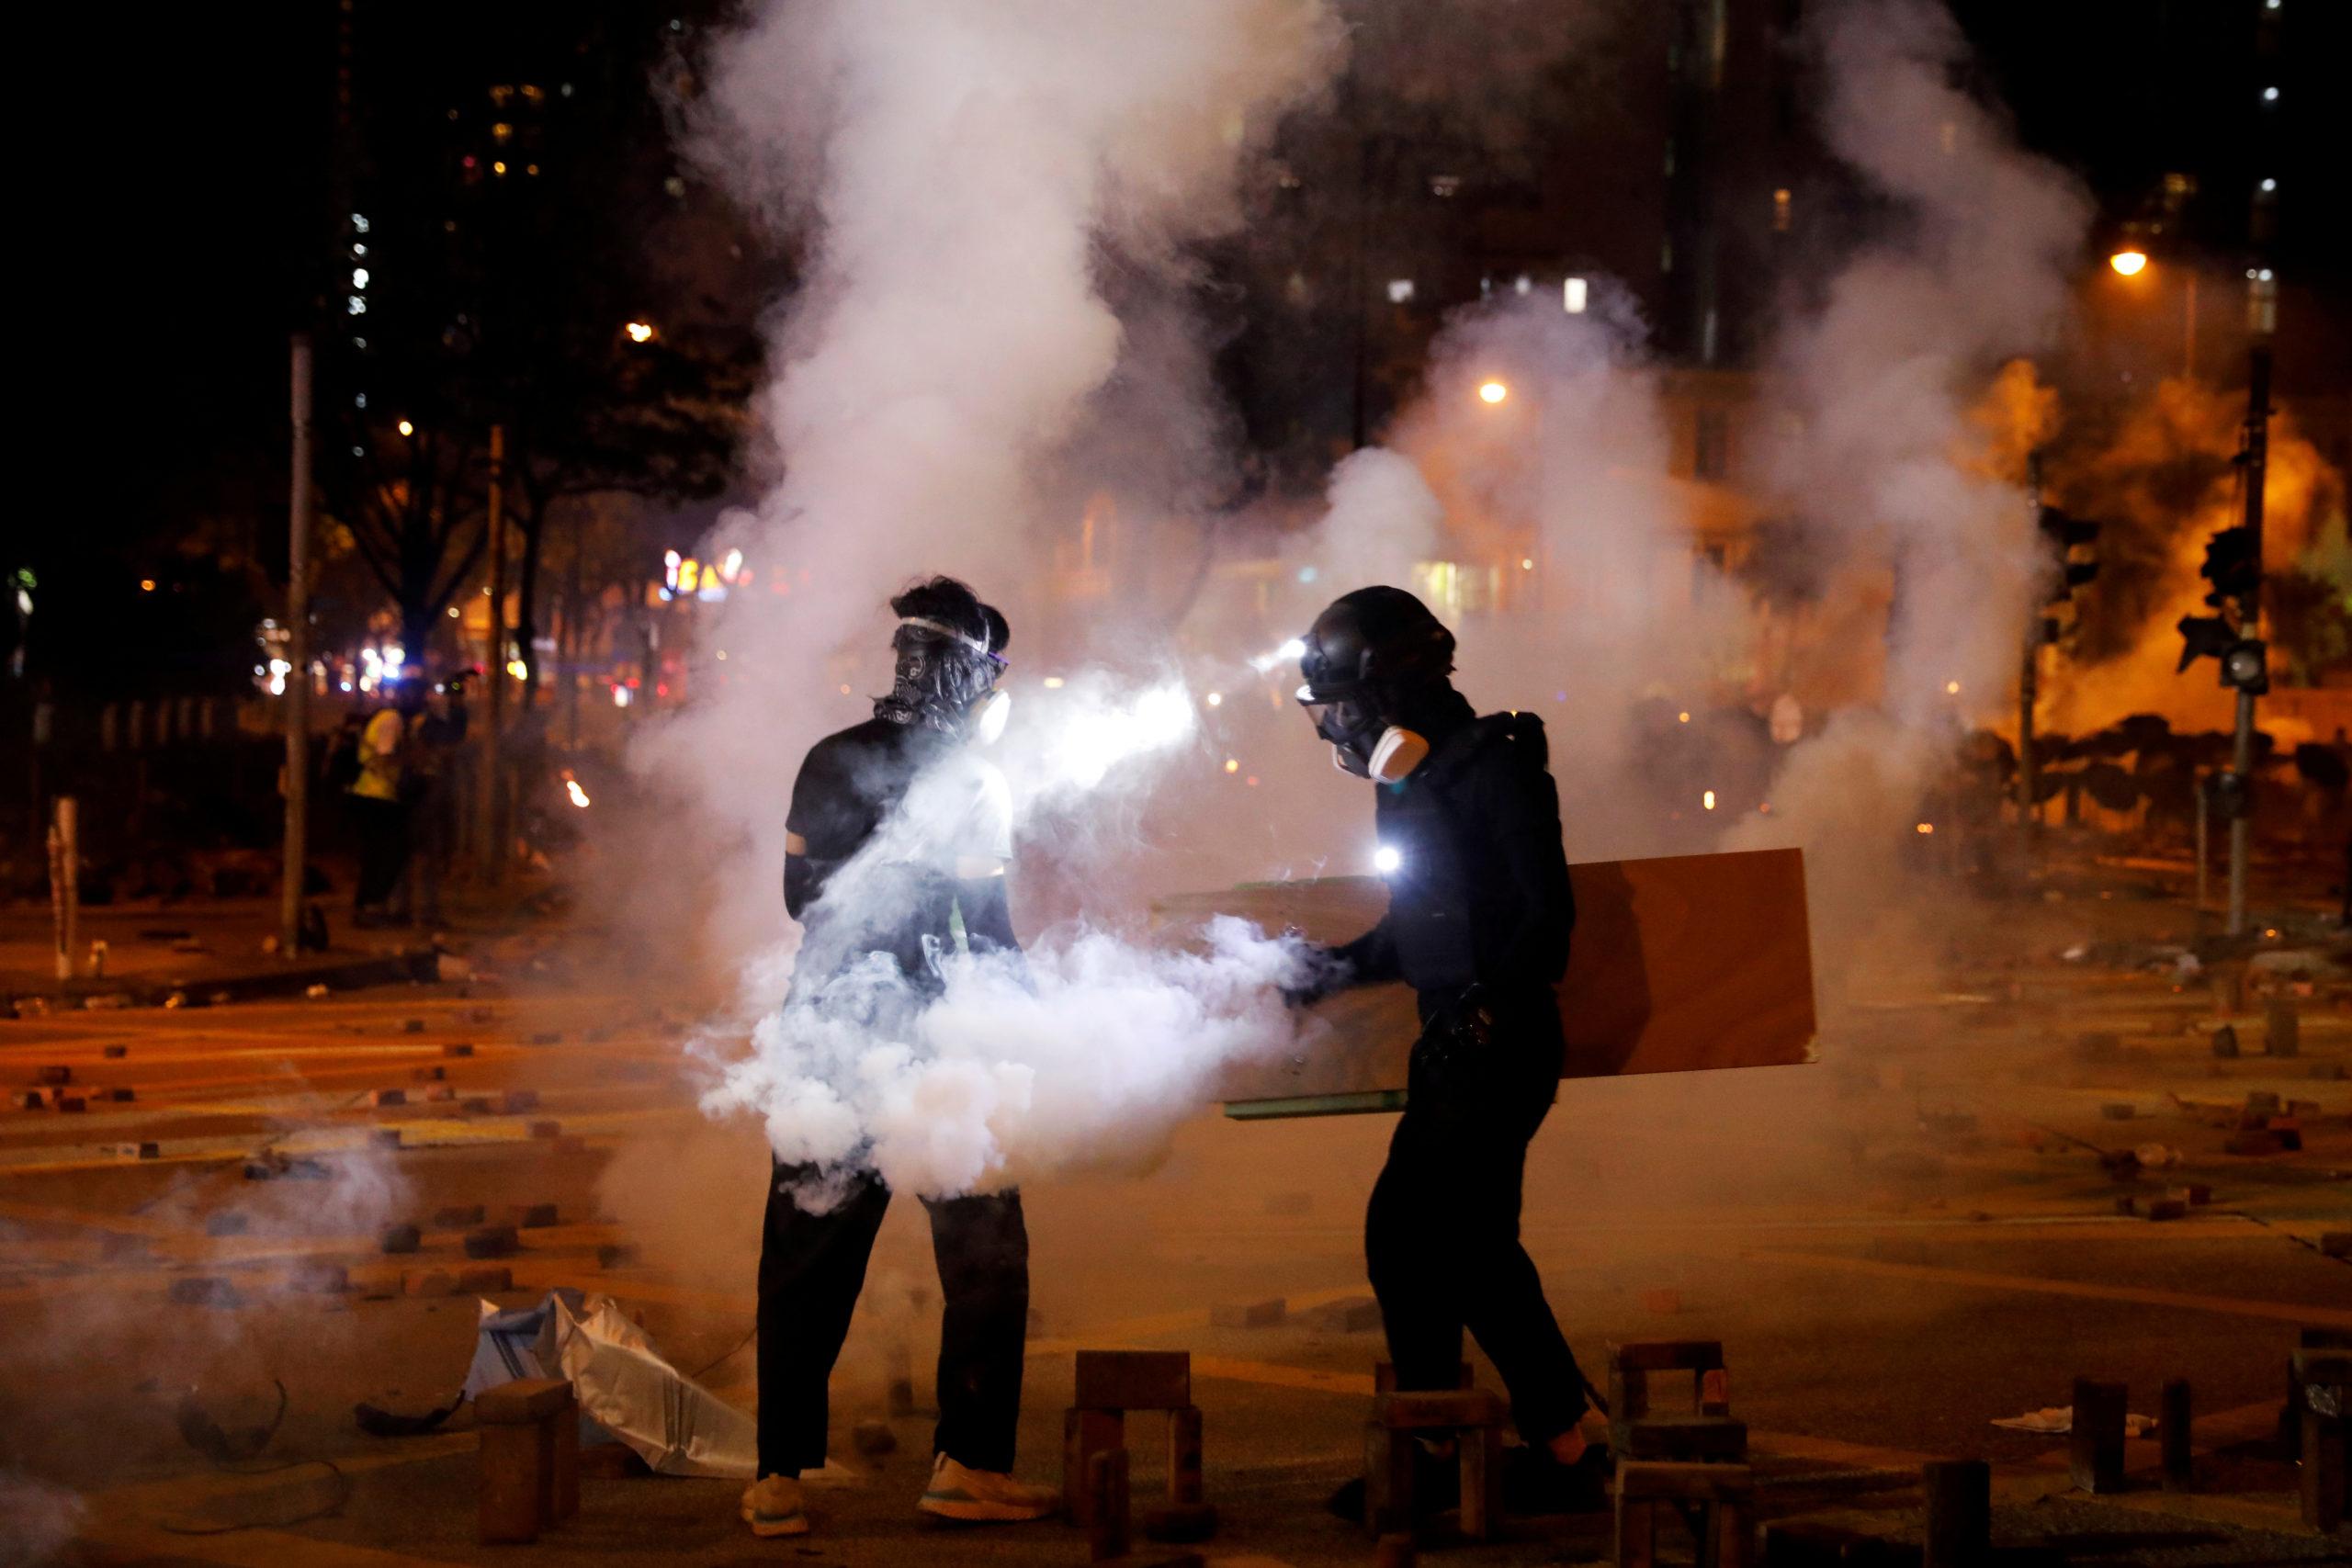 La police de Hong Kong a tiré des cartouches de gaz lacrymogène contre des manifestants leur jetant des cocktails Molotov ou d'autres projectiles samedi devant l'Université polytechnique de la ville, quelques heures après une manifestation pro-chinoise. /Photo prise le 16 novembre 2019/REUTERS/Adnan Abidi